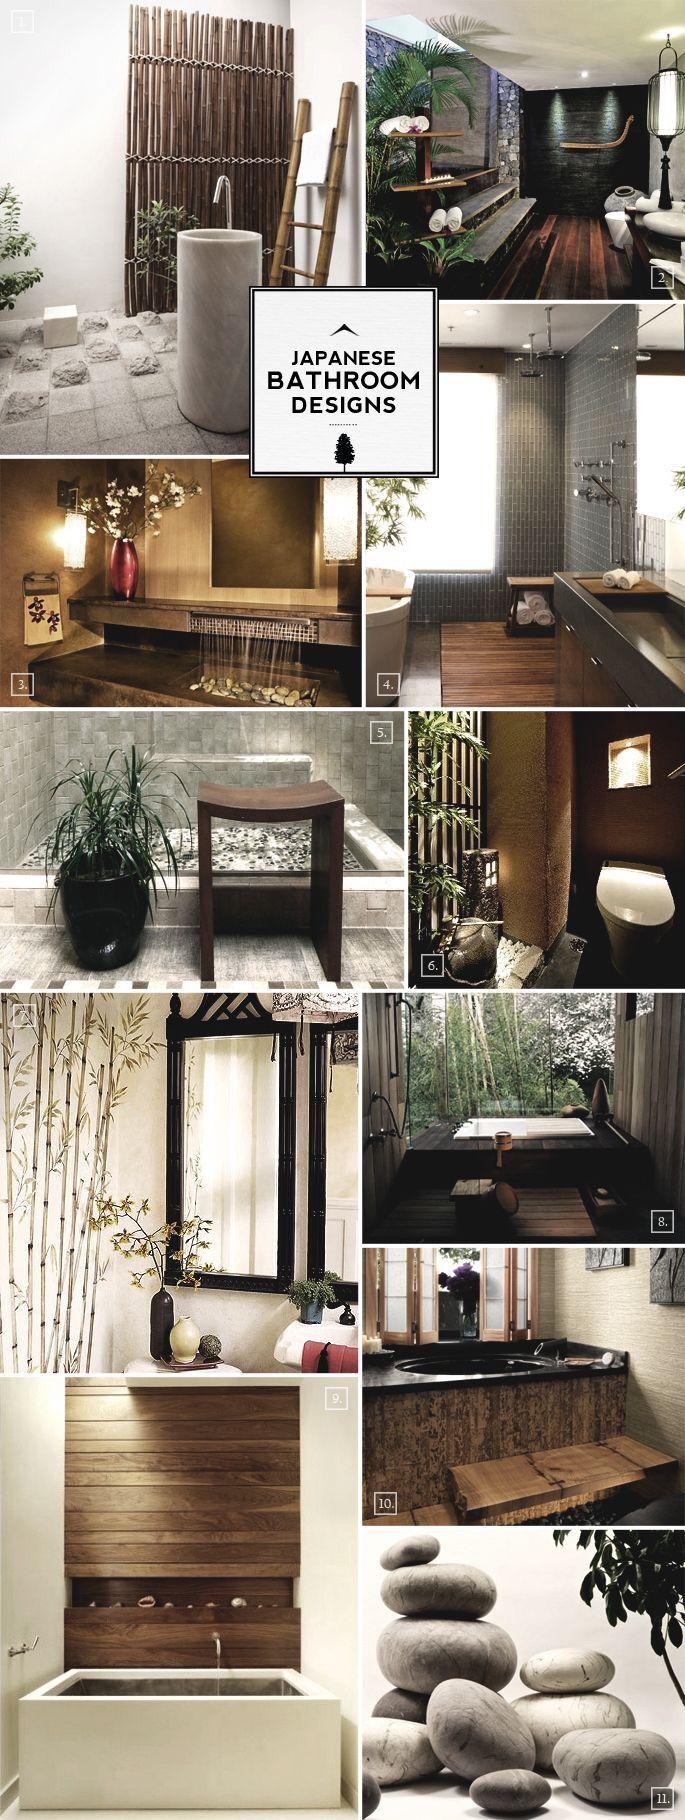 Haus badezimmer design pin von thanit auf ไอเดยสำหรบบาน  pinterest  badezimmer haus